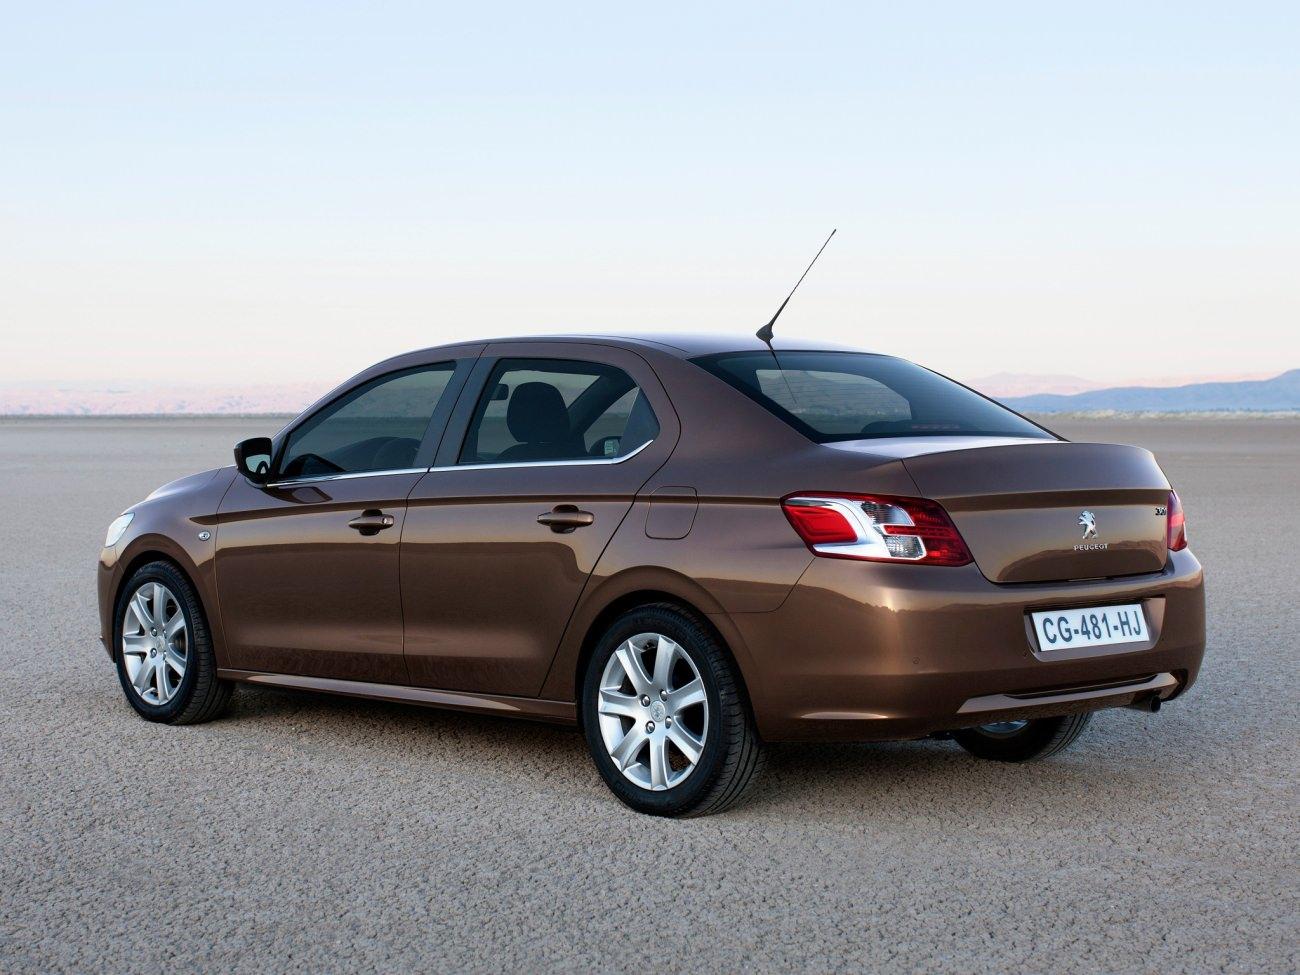 سه محصول جدید ایران خودرو که تا پایان سال عرضه خواهد شد کدام خودروها هستند؟